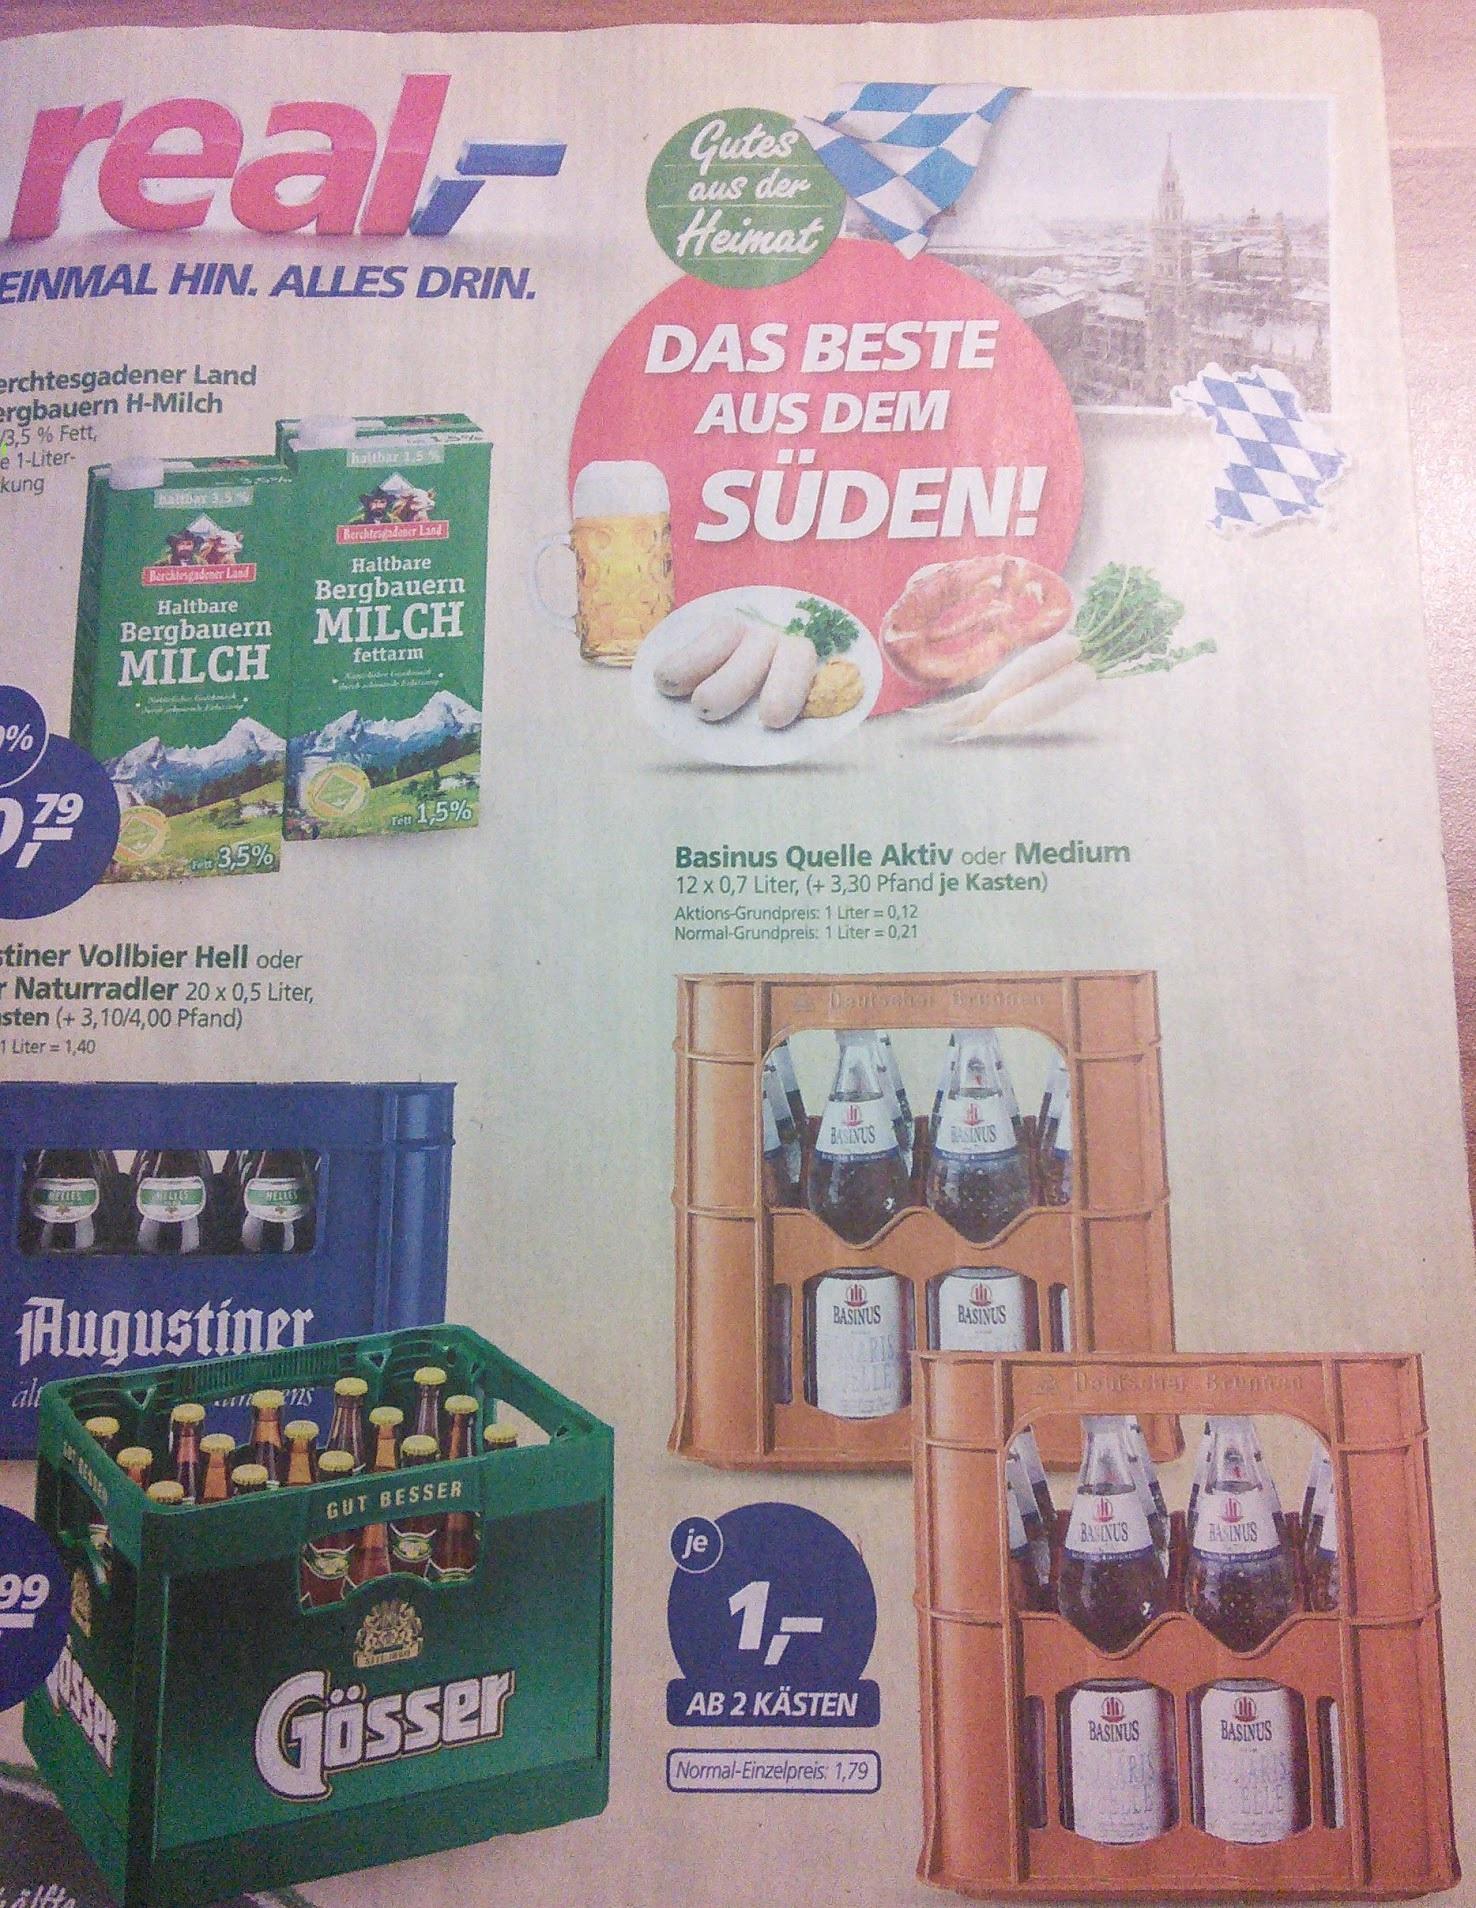 [REAL] 2 KASTEN Basinus Wasser 24x 0,7 Liter für 2 EURO [KW4] - Literpreis < 0,12 EUR  ***nur Bayern(?)***